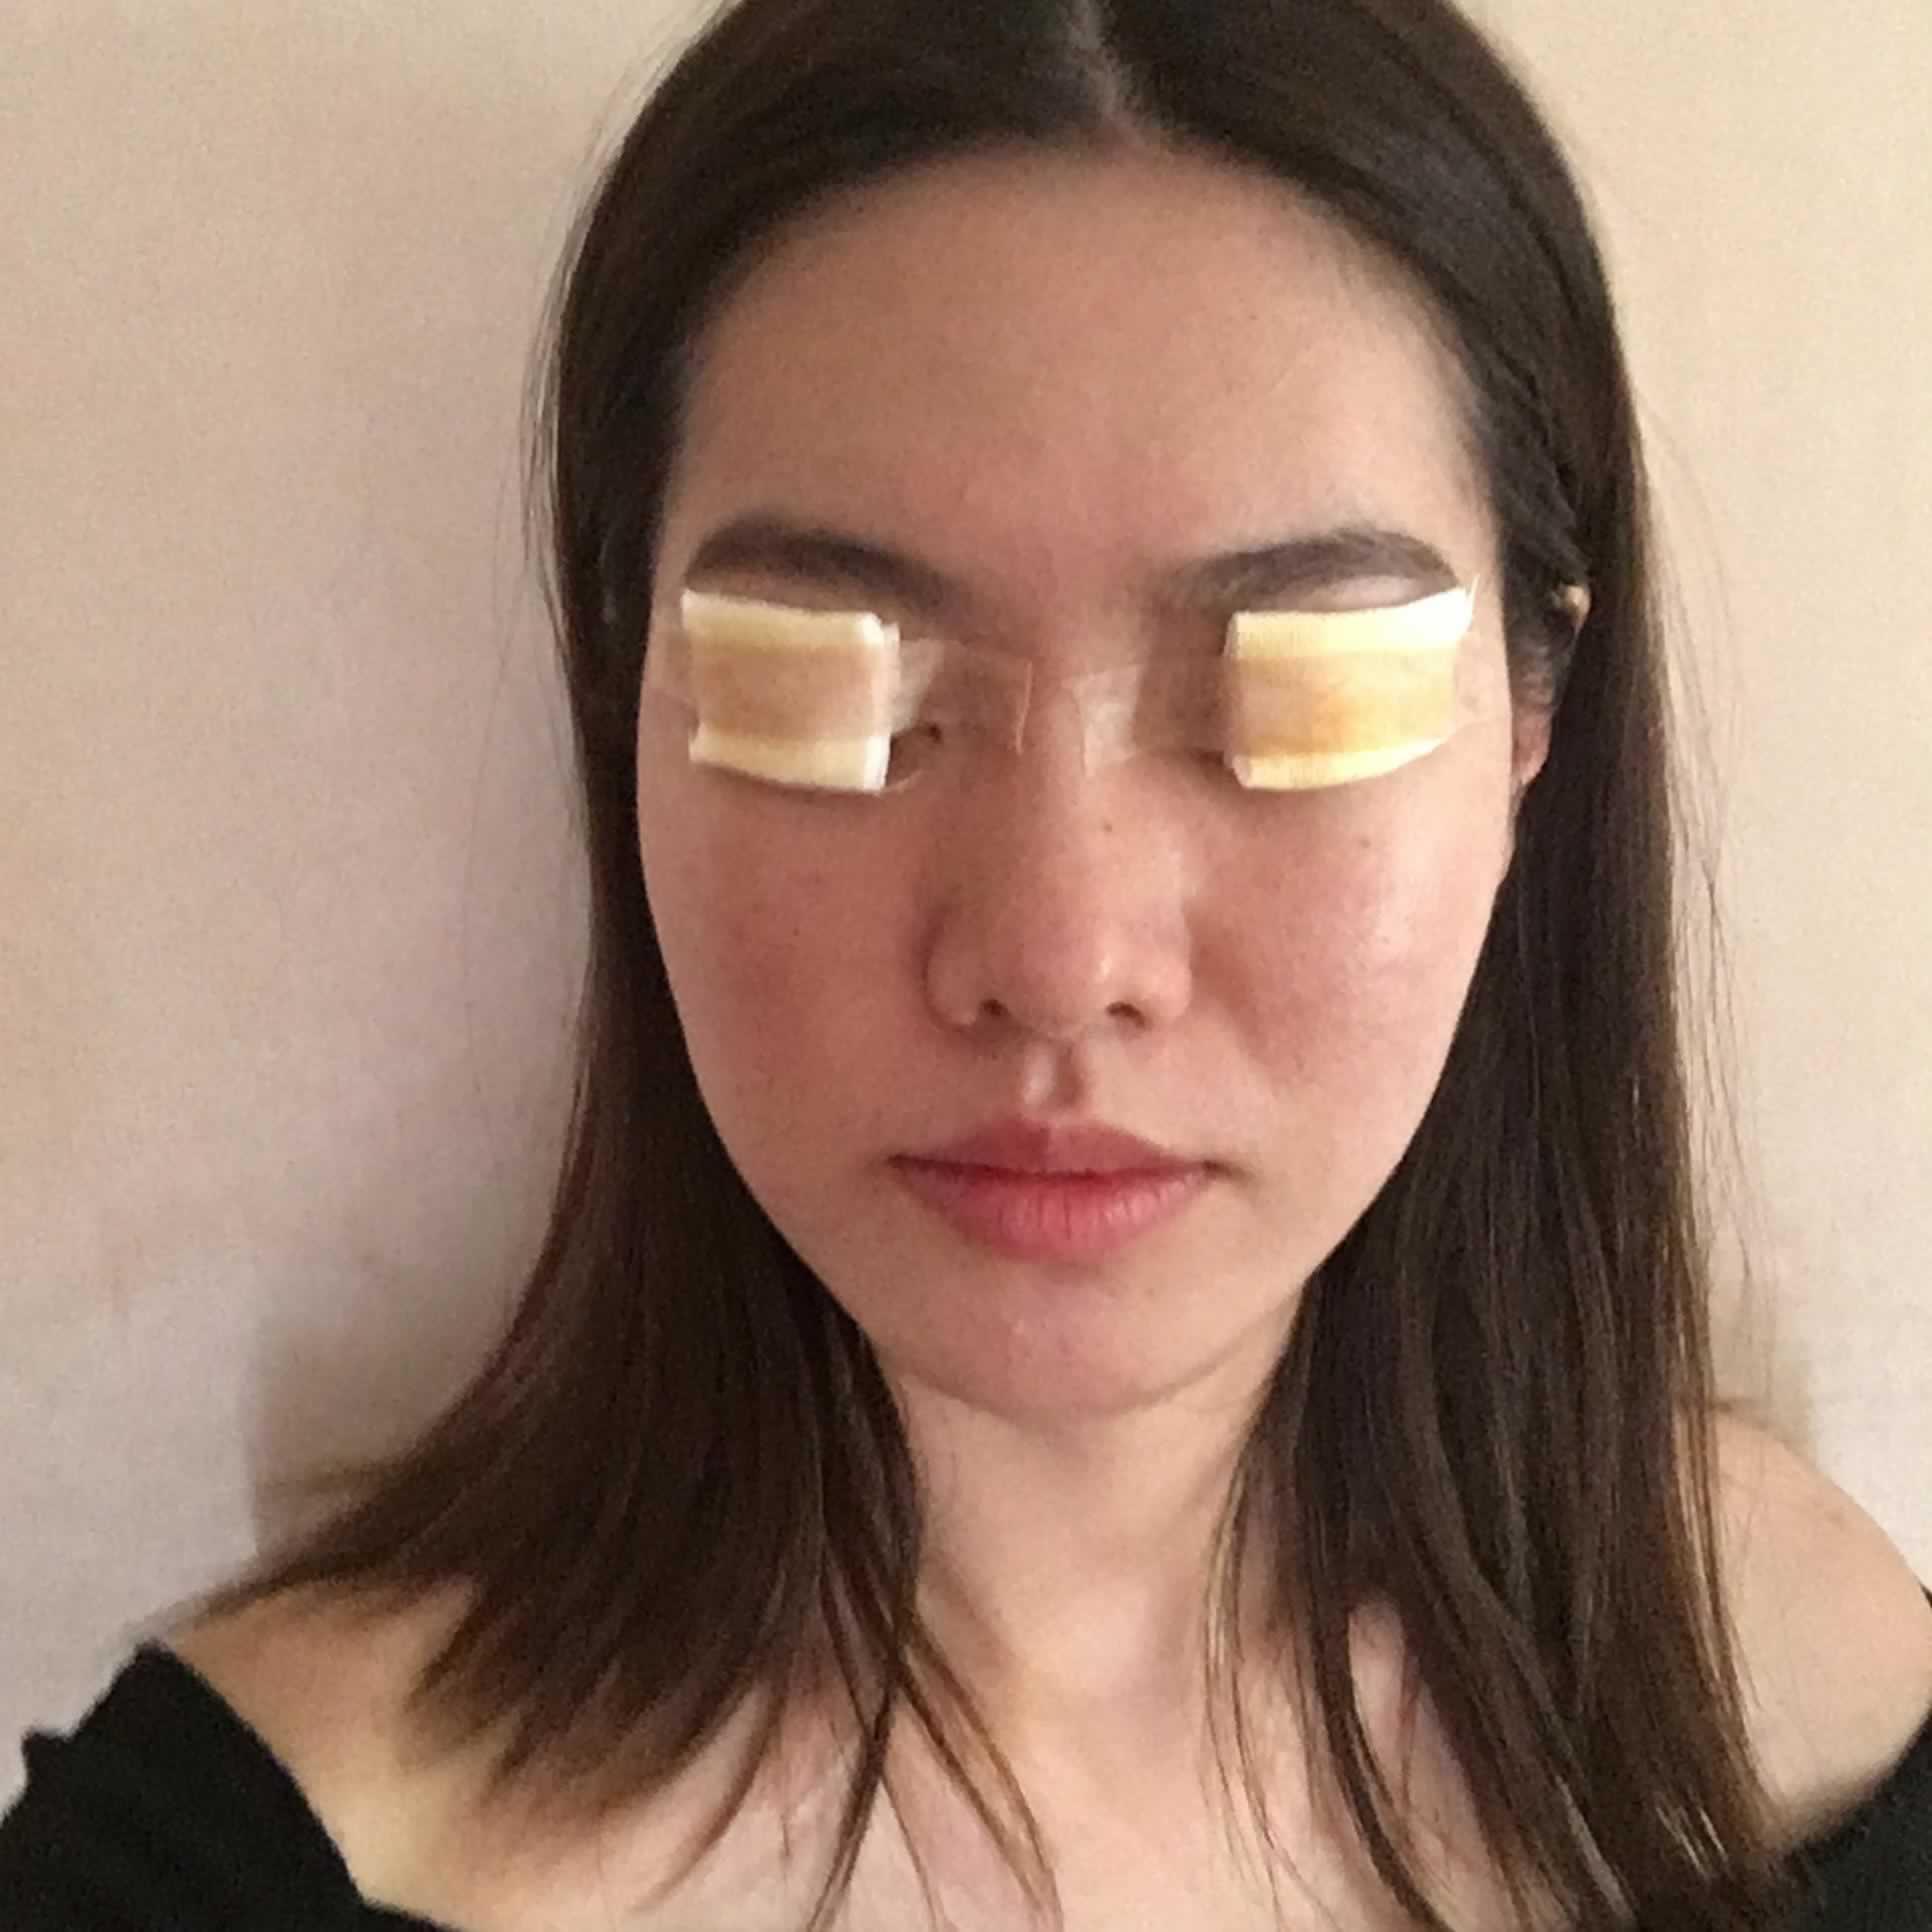 还有的就是不知道是不是贴双眼皮的原因我的眼睛上面眼睛皮越发看着下垂的厉害